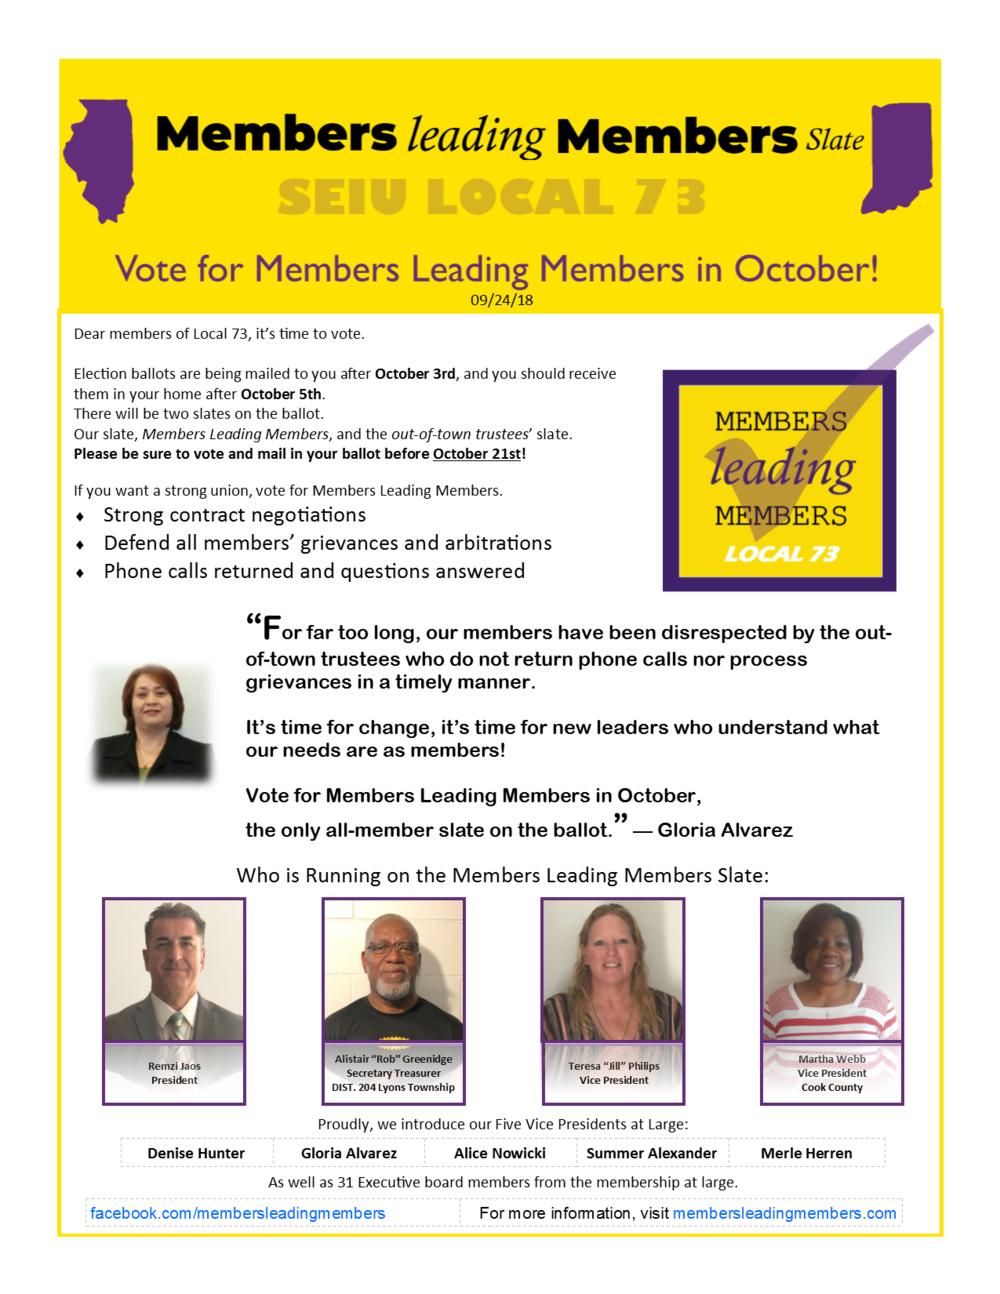 Members Leading Members Flier 09-24-18.png